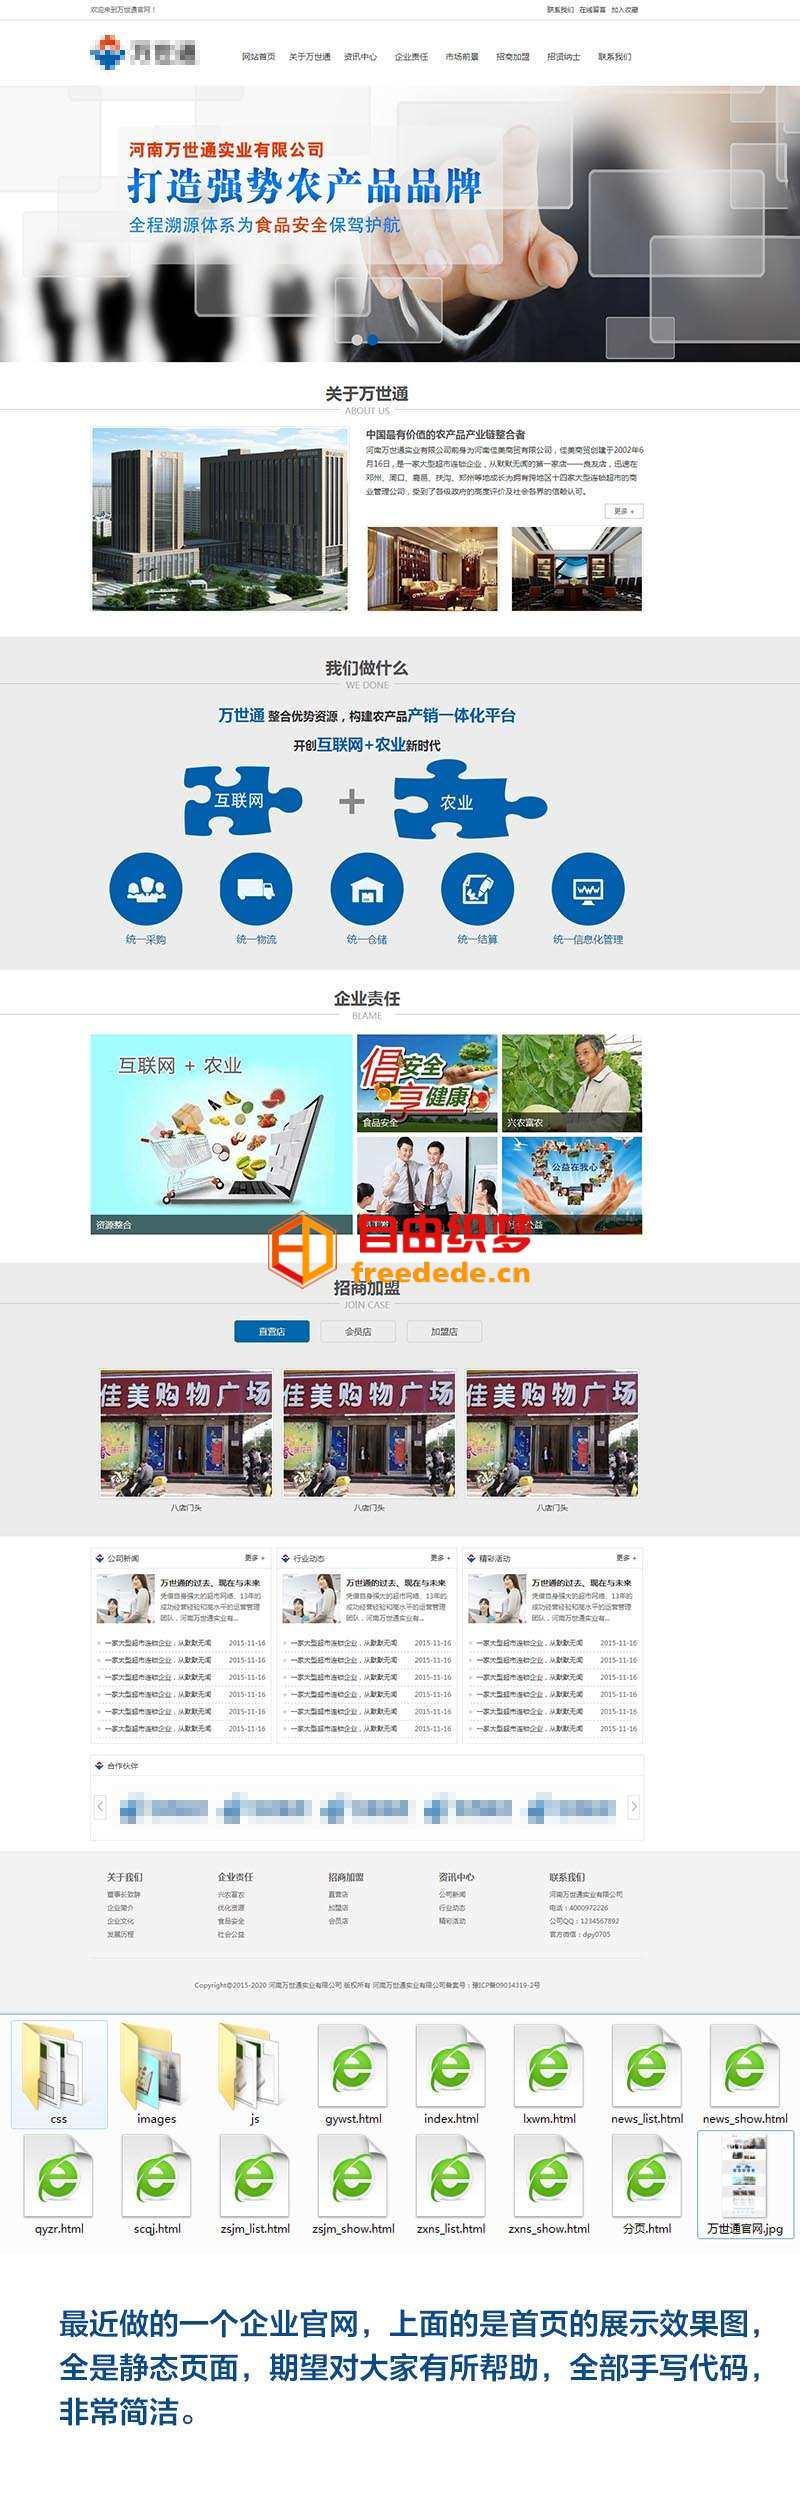 爱上源码网文章蓝色大气的农产品企业网站html整站模板的内容插图